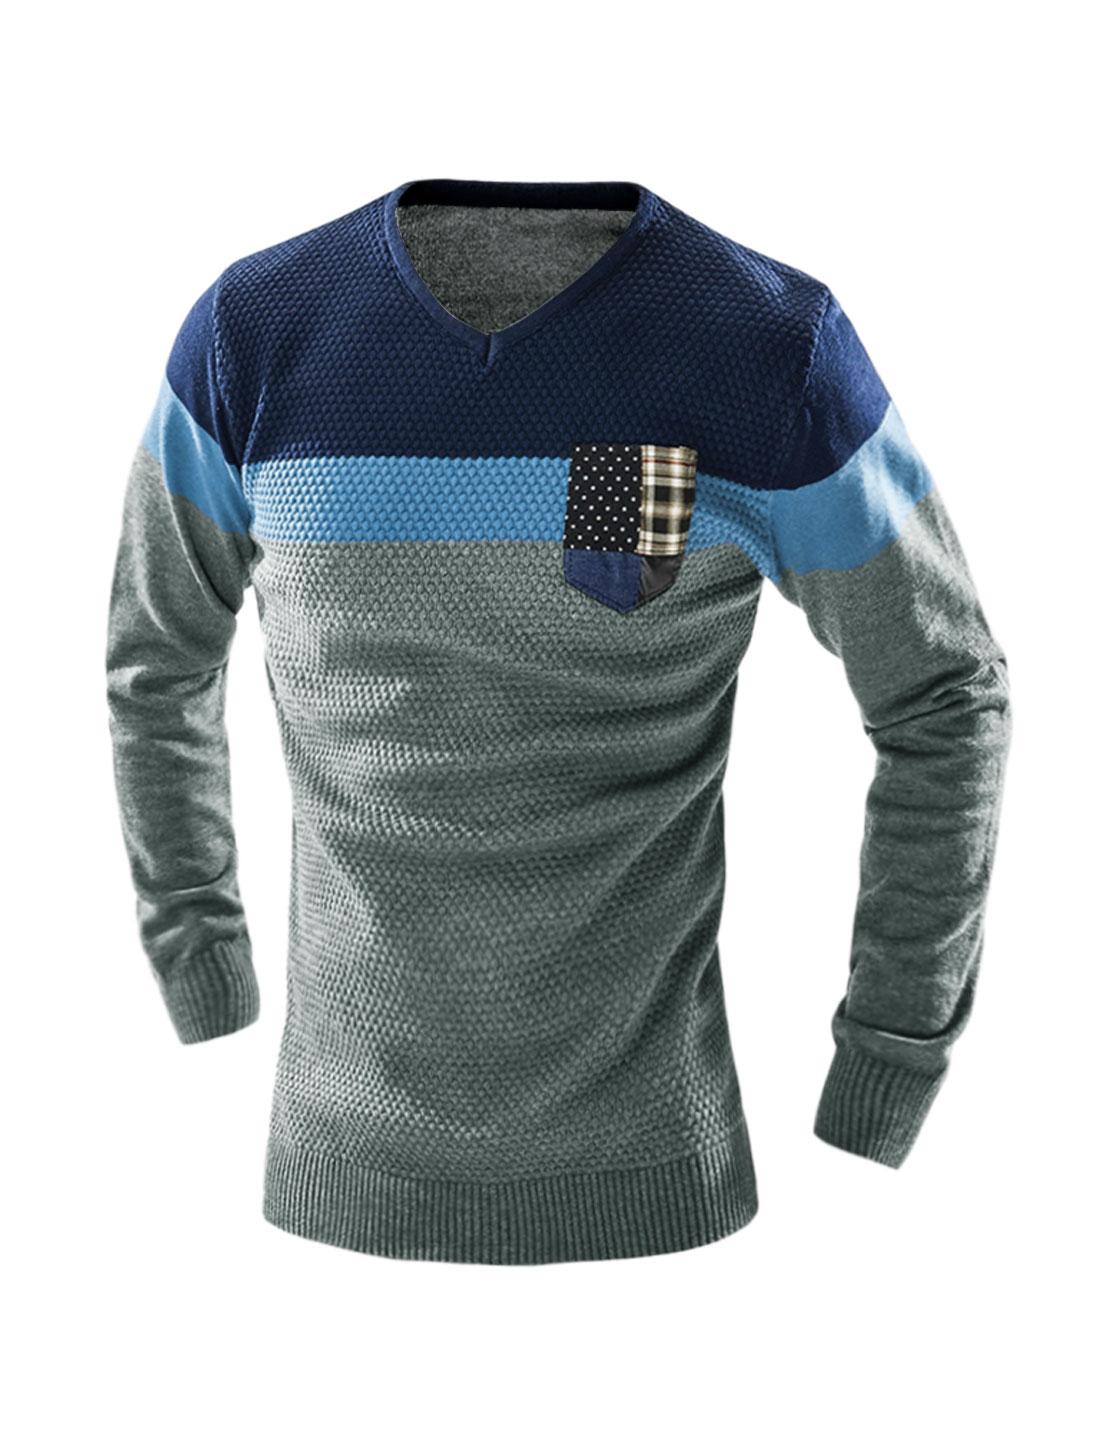 Man V Neck Color Block Knit Shirt w Pocket Dark Gray M